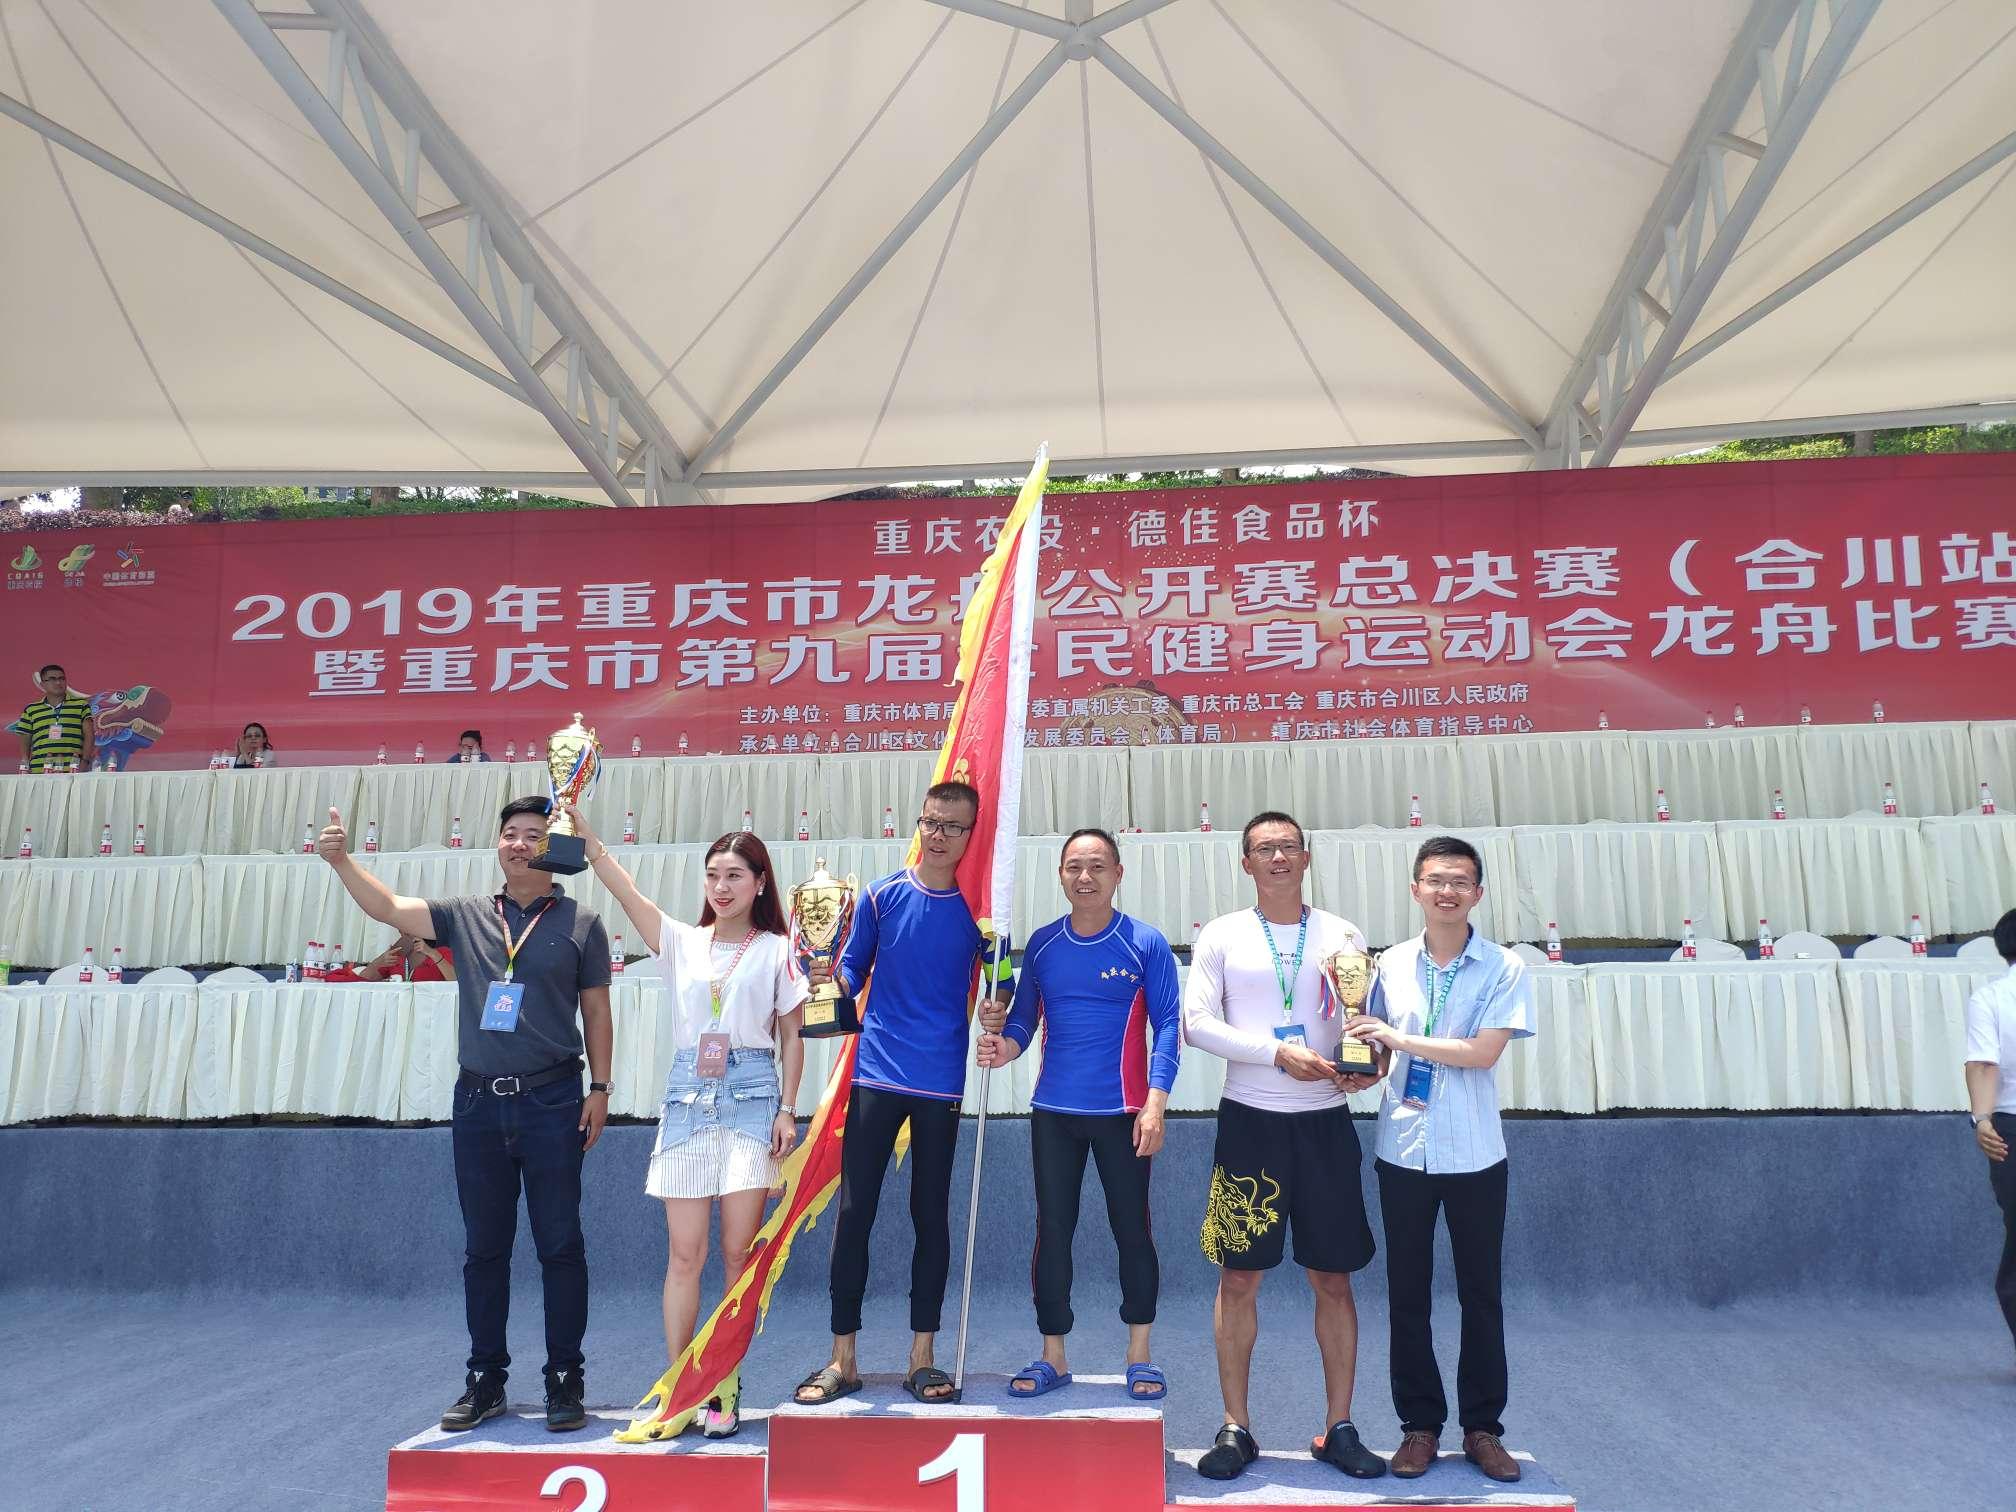 合川龙舟赛圆满闭幕,合川代表队勇夺200米500米项目双料冠军!